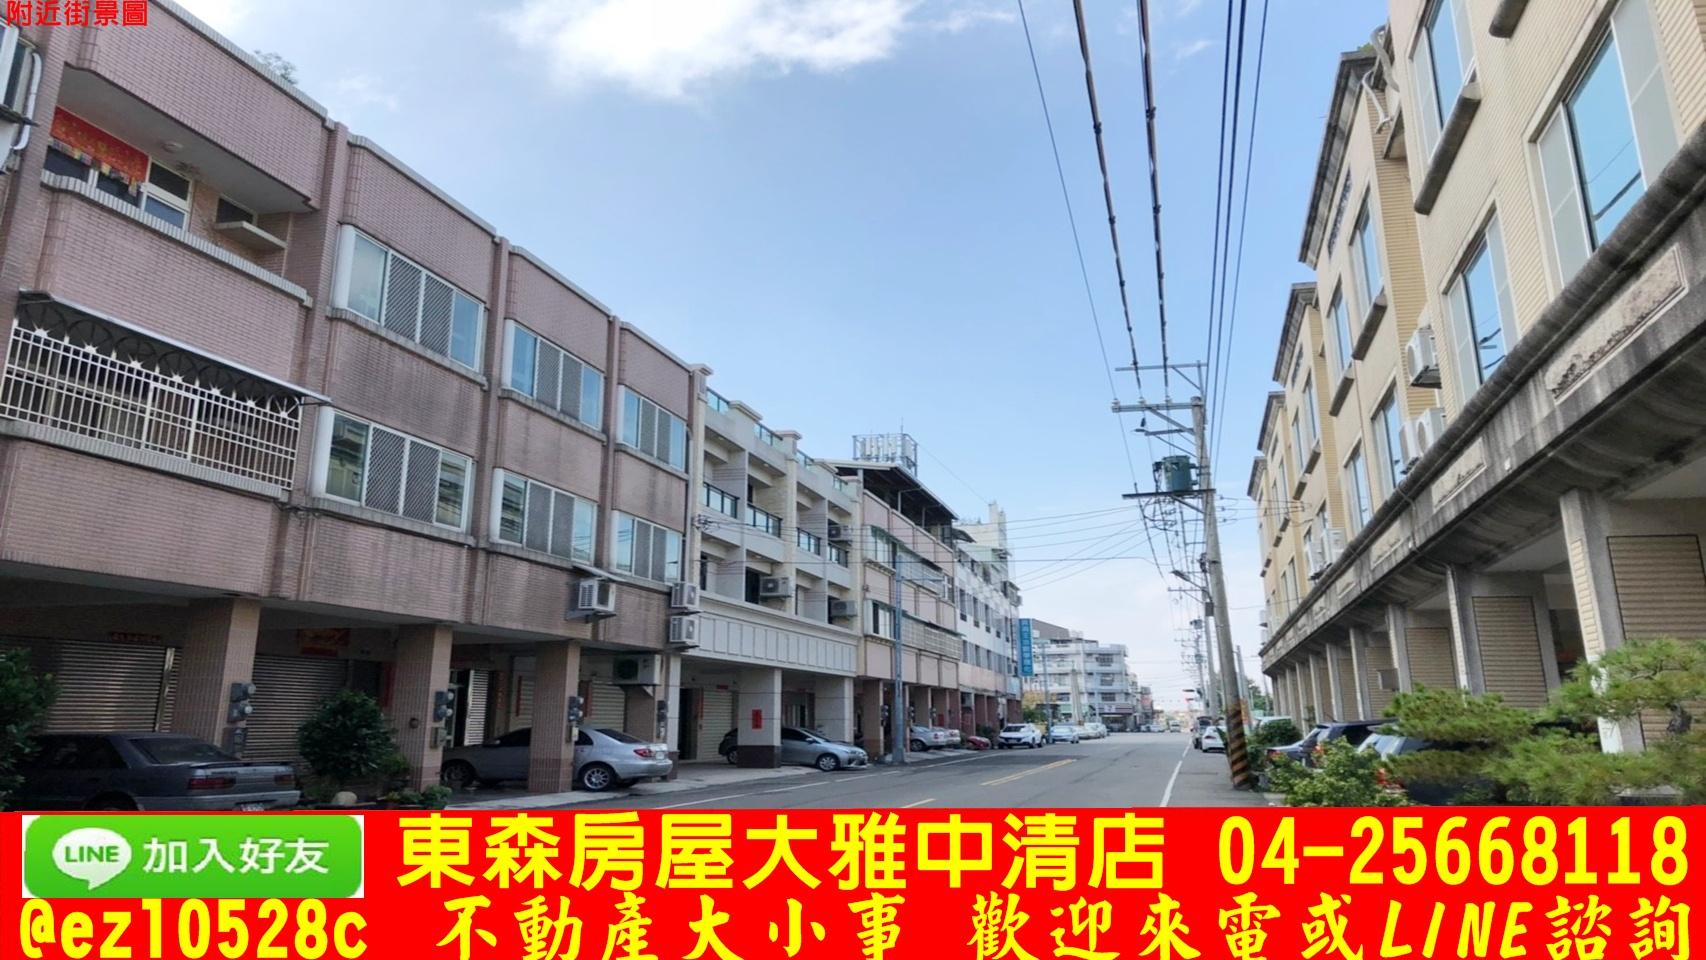 東森房屋大雅中清店-臨路美墅